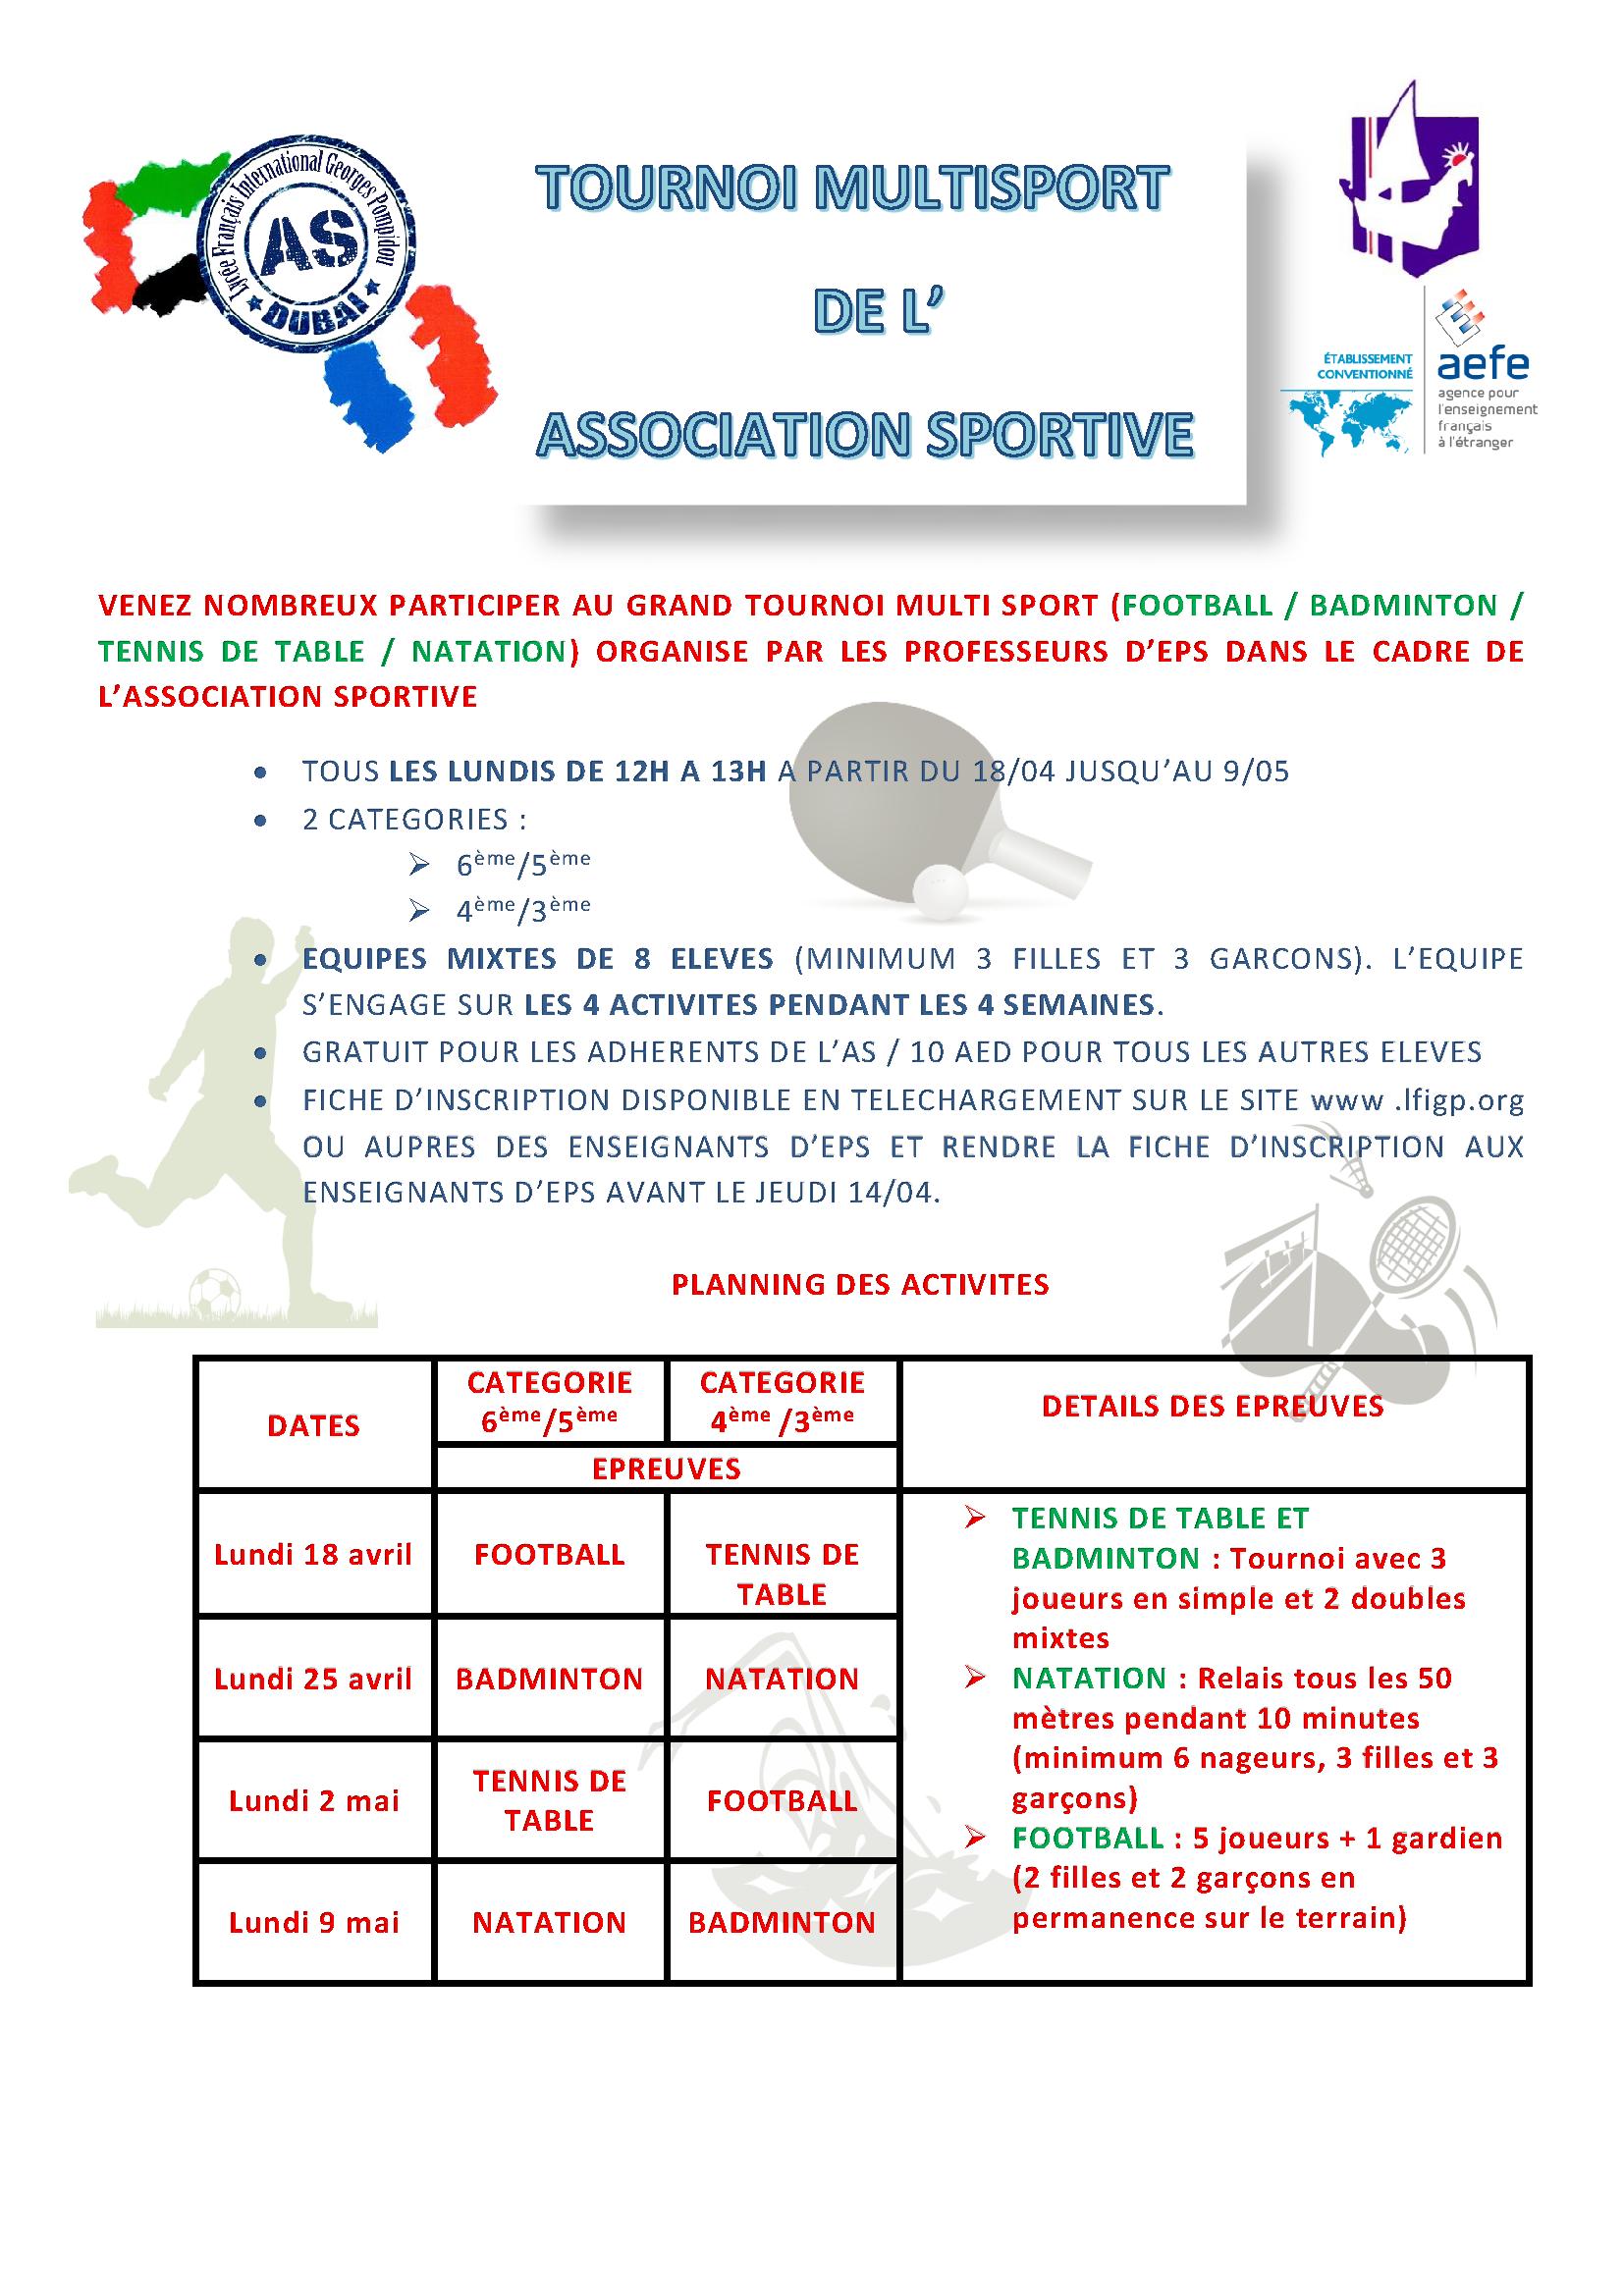 affiche tournoi multi sport